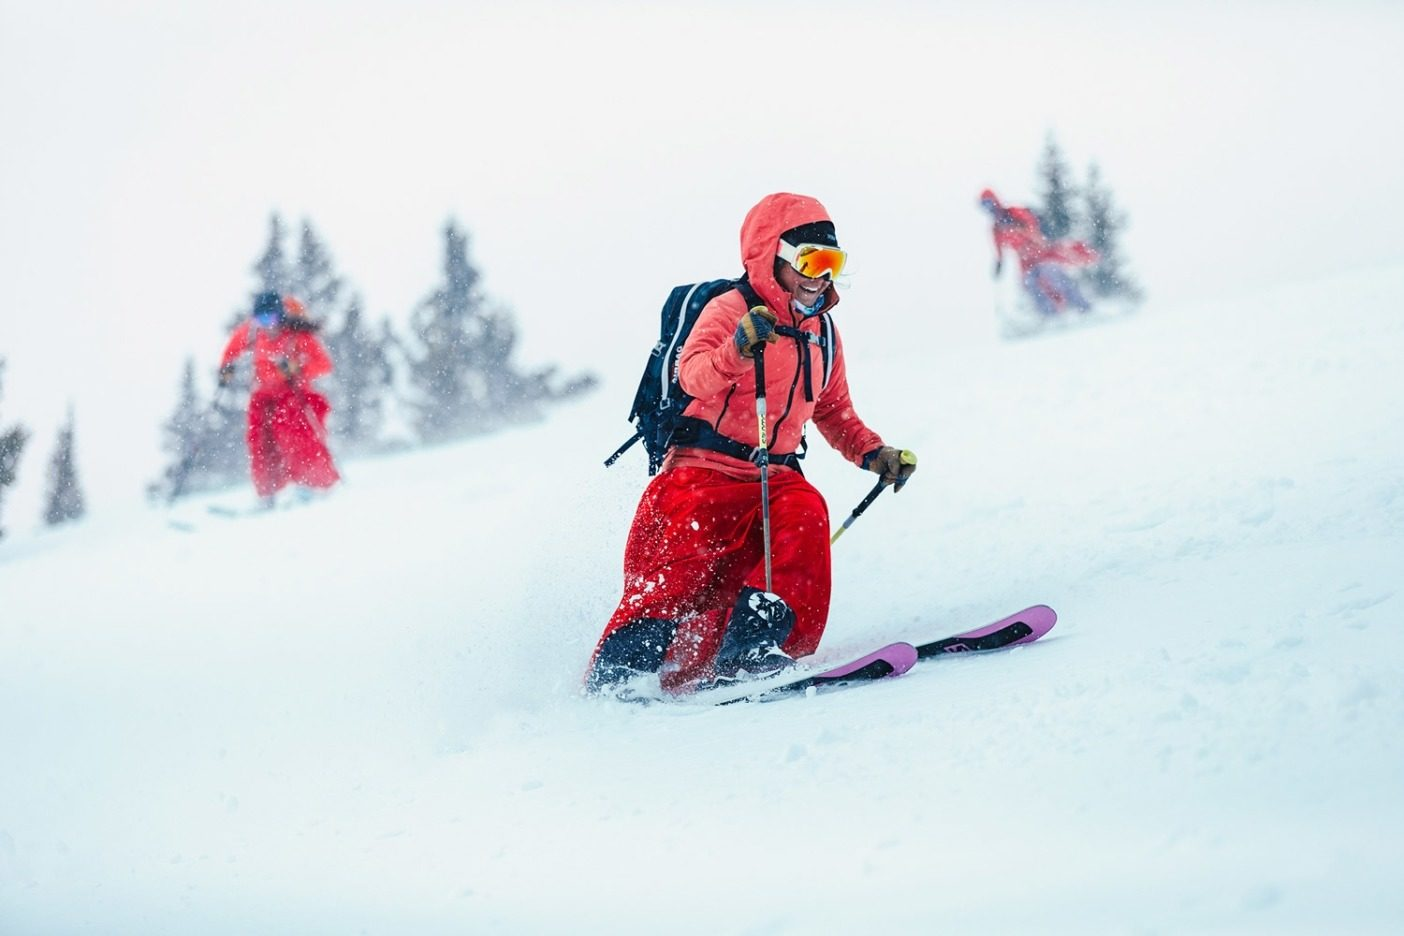 一度レッド・レディになったら、永遠に  レッド・レディ。クレステッド・ビュートに住む  この女性たちは、山とスキーヤーの共生関係  を体現している。 Photo: Forest Woodward